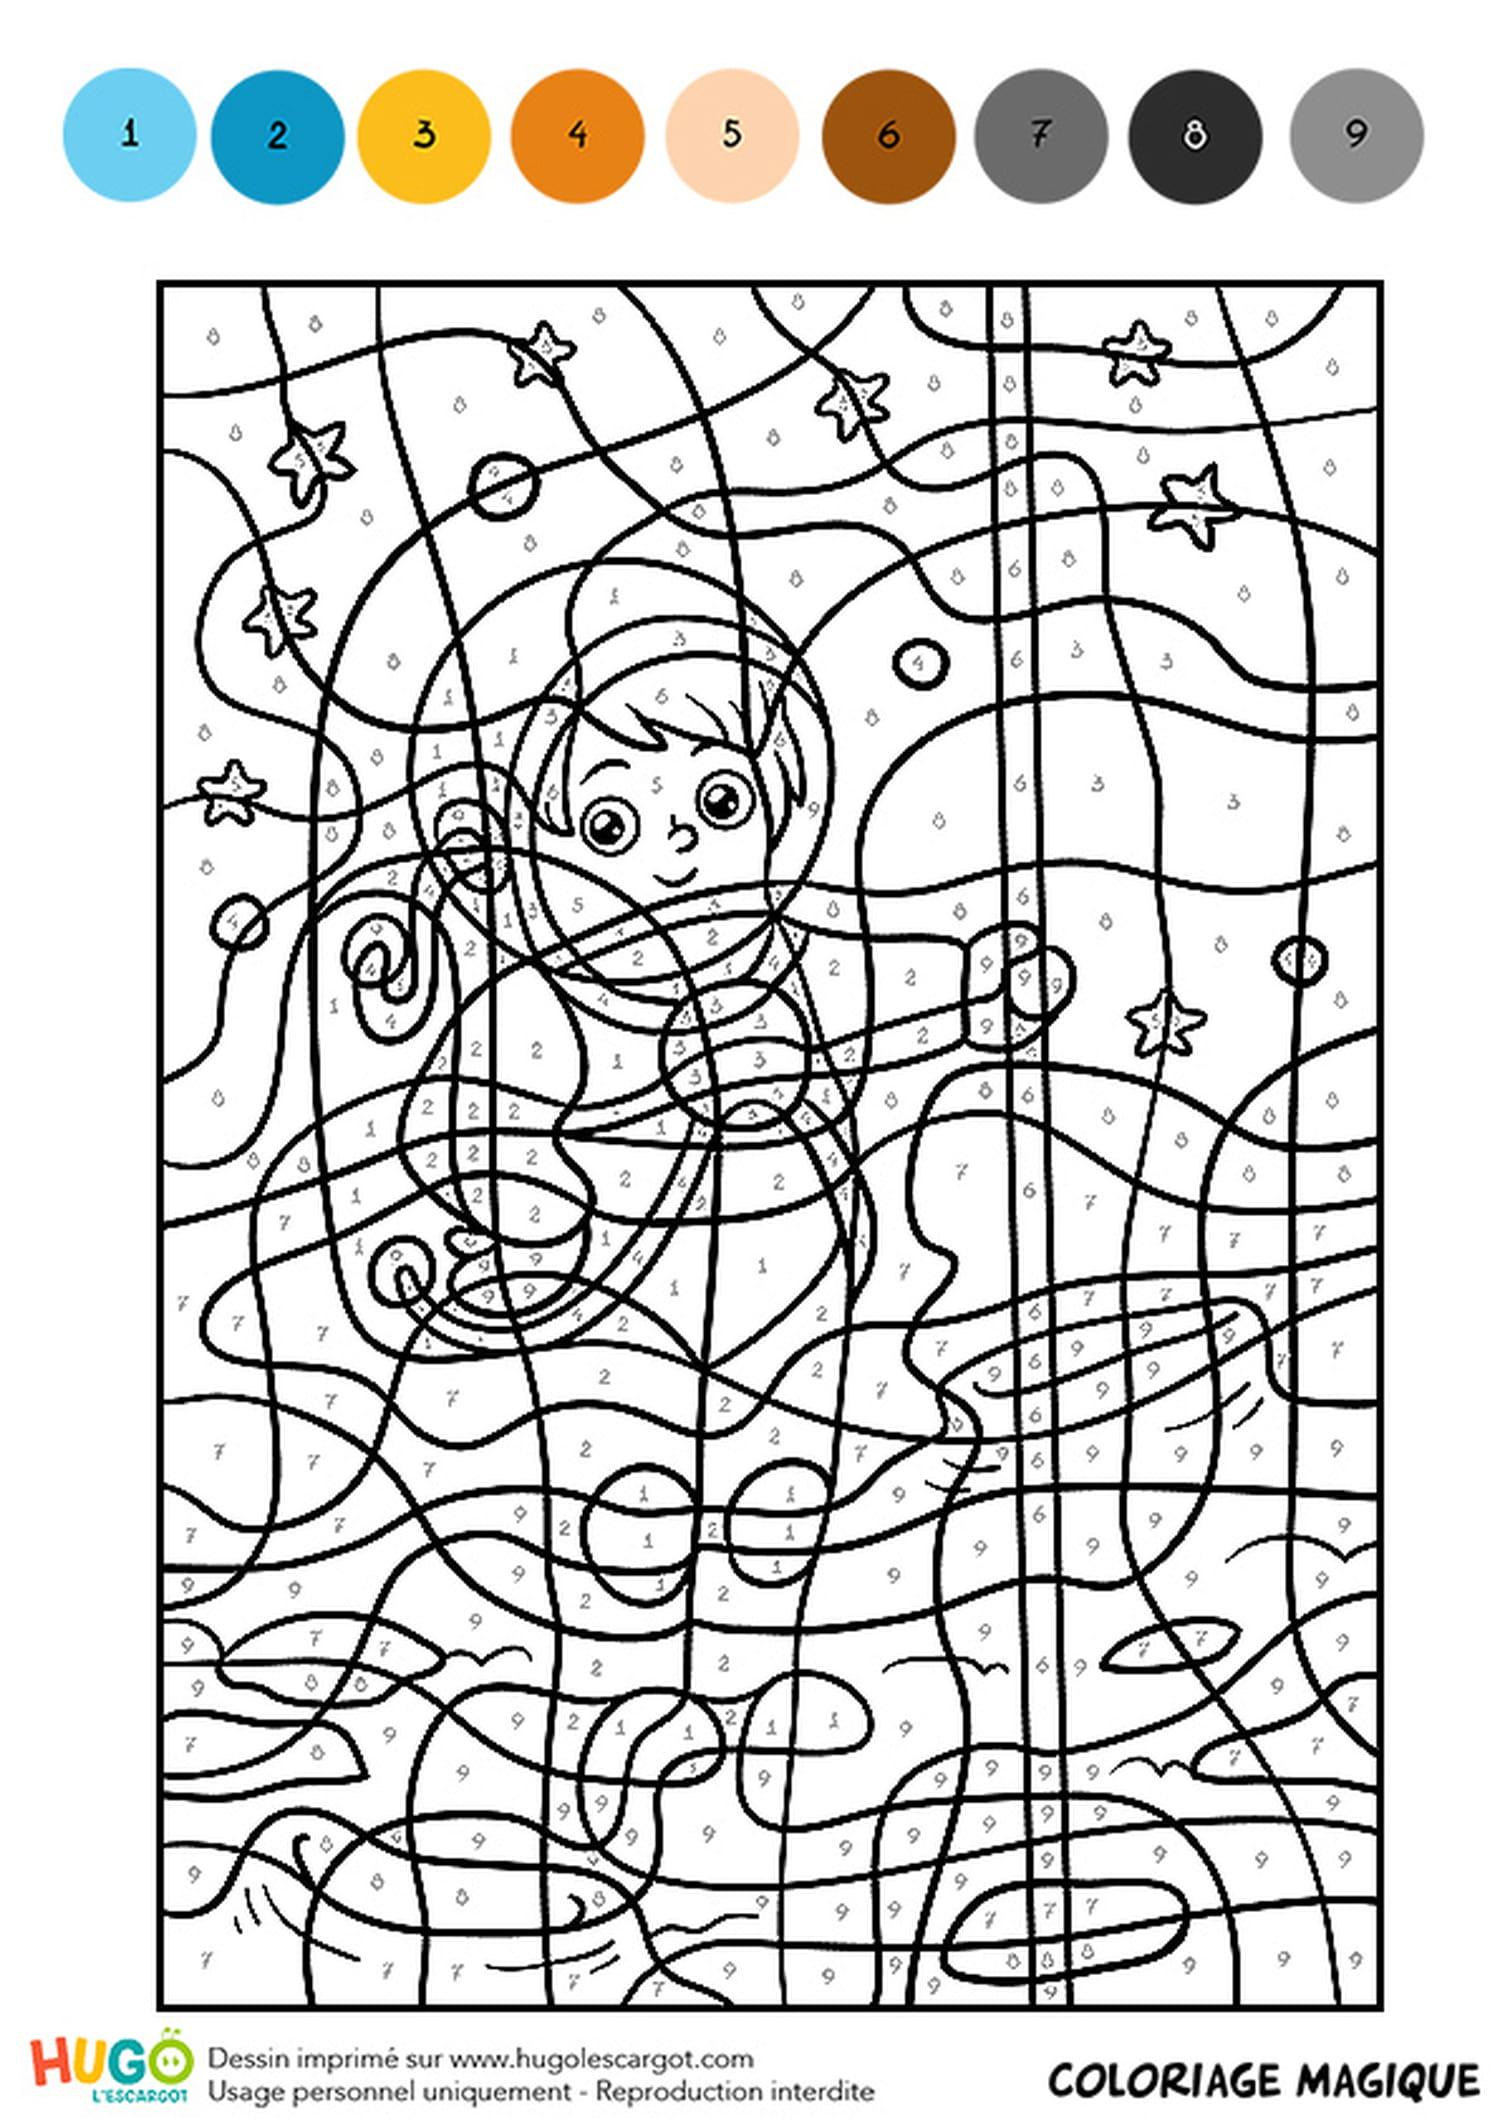 Coloriage Magique CM32, le garçon astronaute